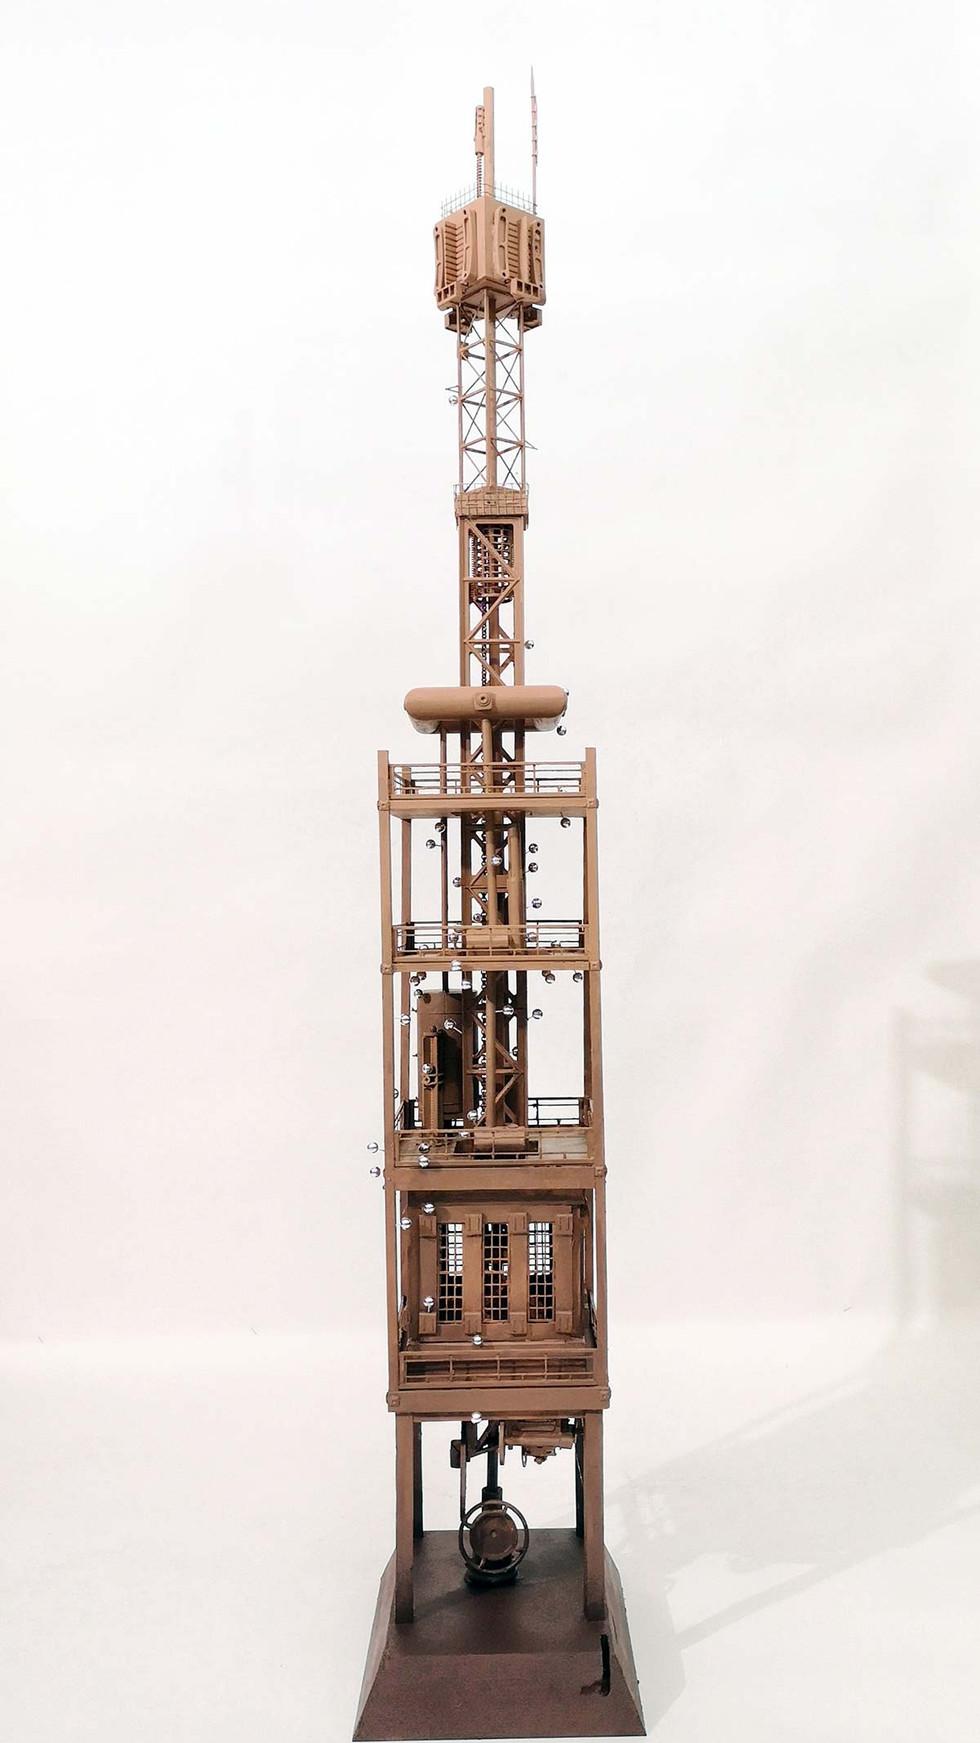 Metaani torni, Methane tower